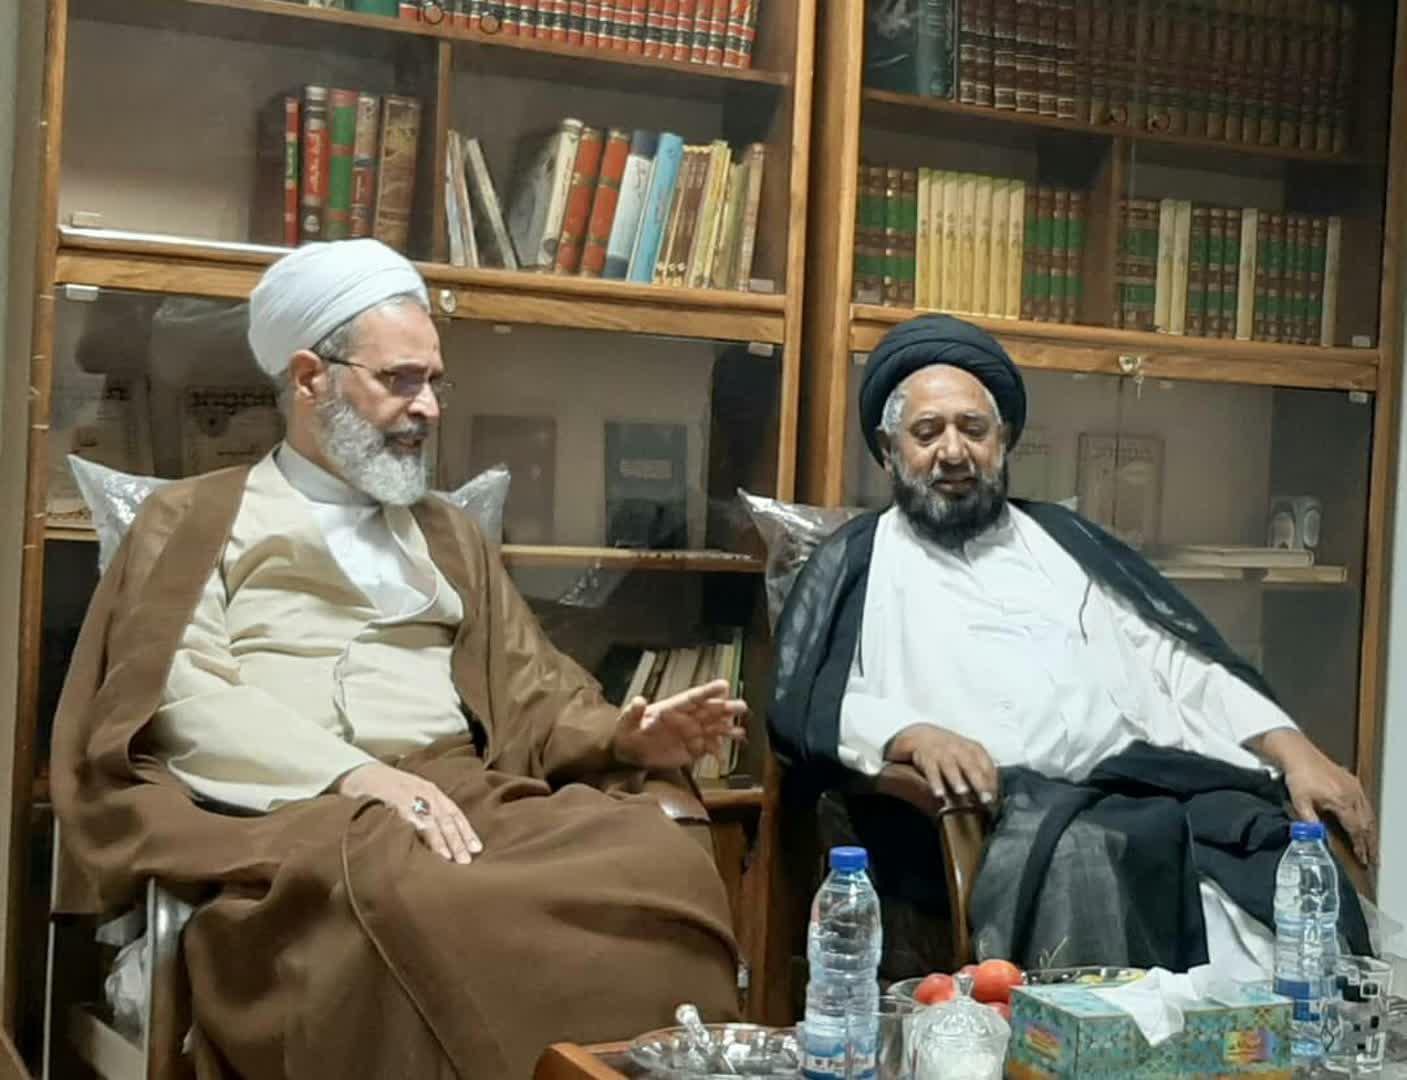 آیت اللہ اعرافی کی علامہ قاضی نیاز حسین نقوی سے قم میں ملاقات+تصاویر